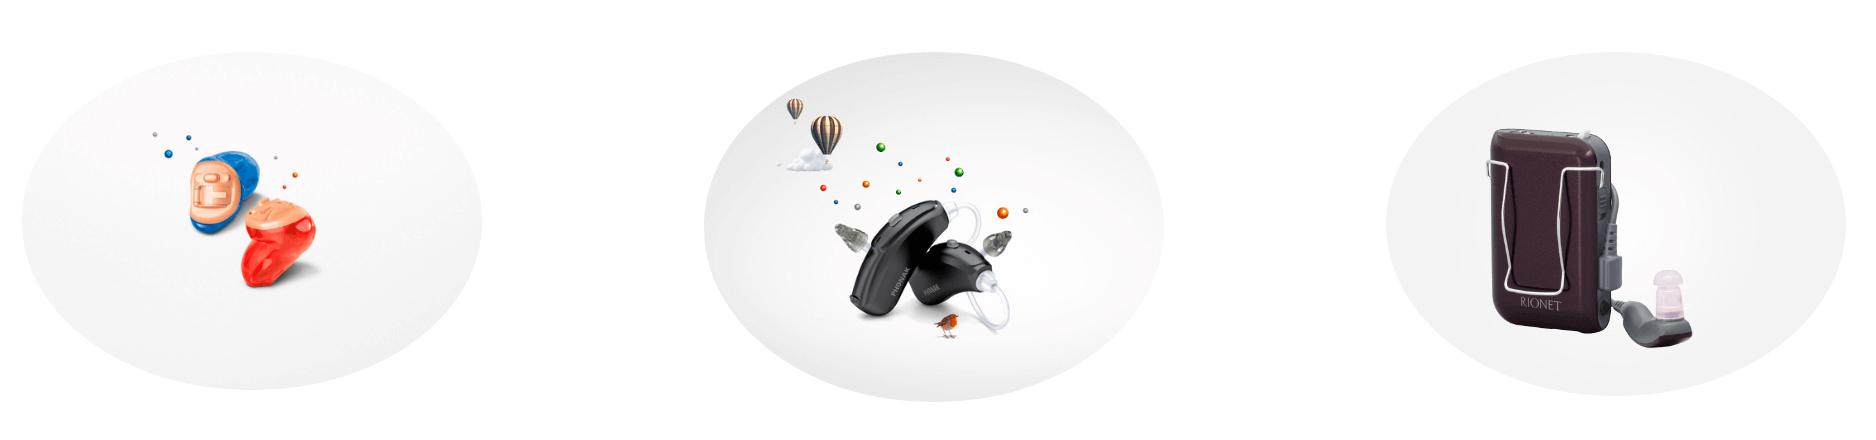 補聴器は、主にこの三つに集約される。その内、耳あな形だけは、既製品で試すのが難しいため、店舗により、対応が異なる。